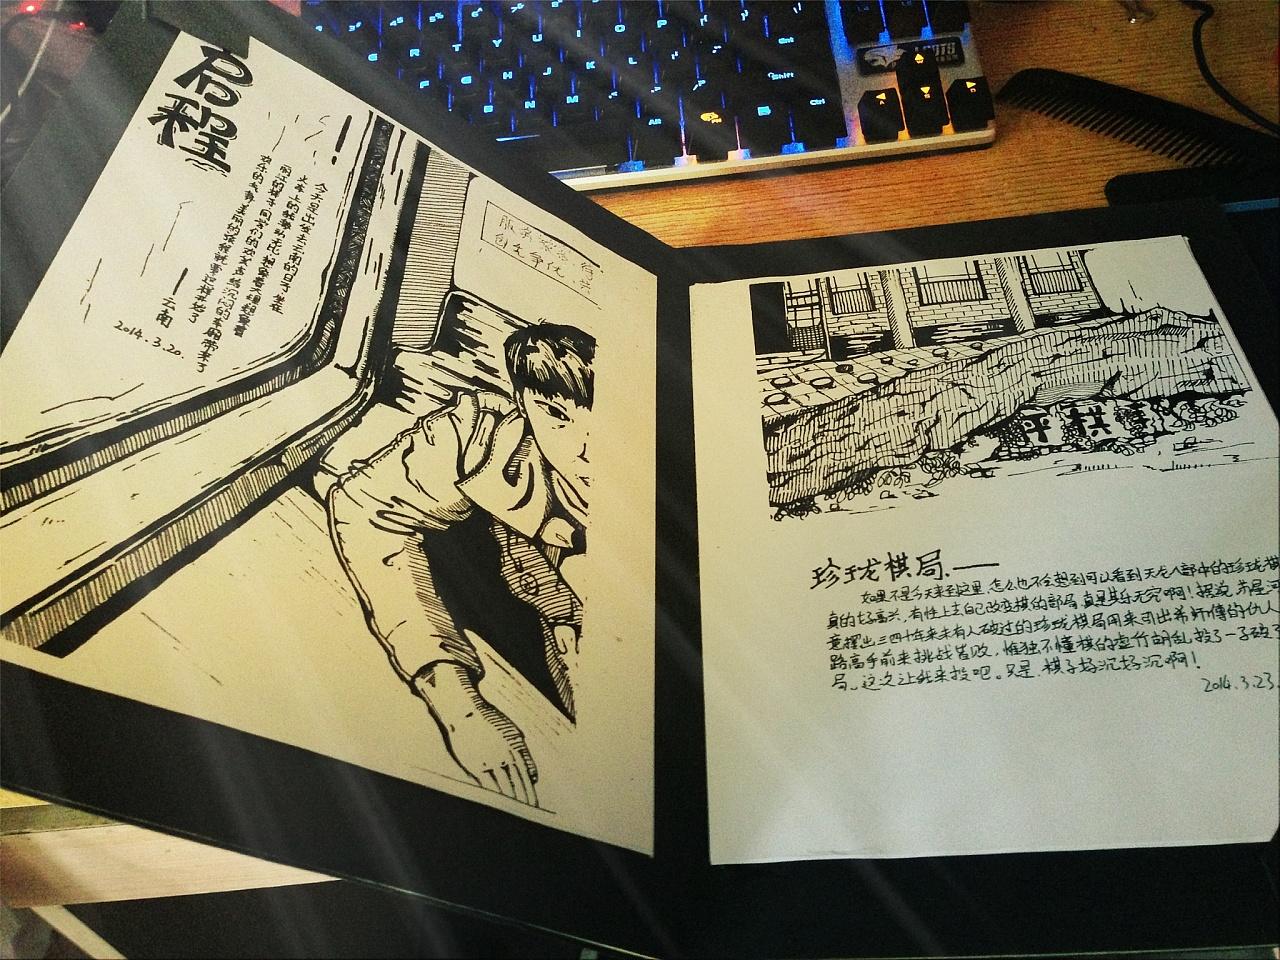 云南游记(手绘日记)